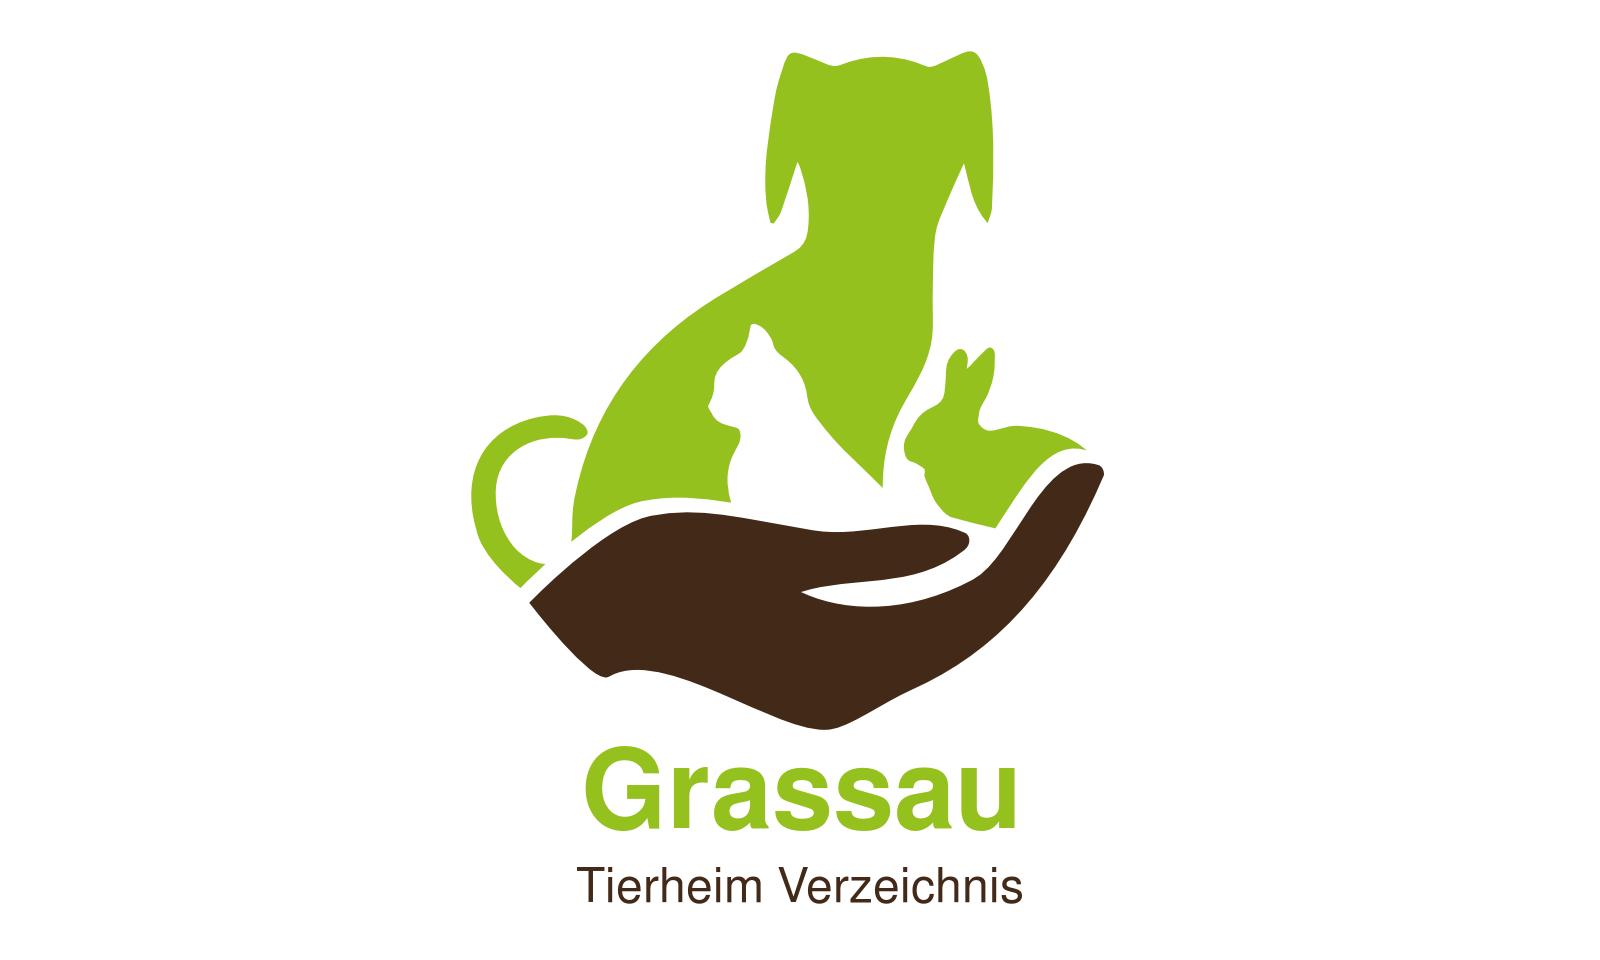 Tierheim Grassau